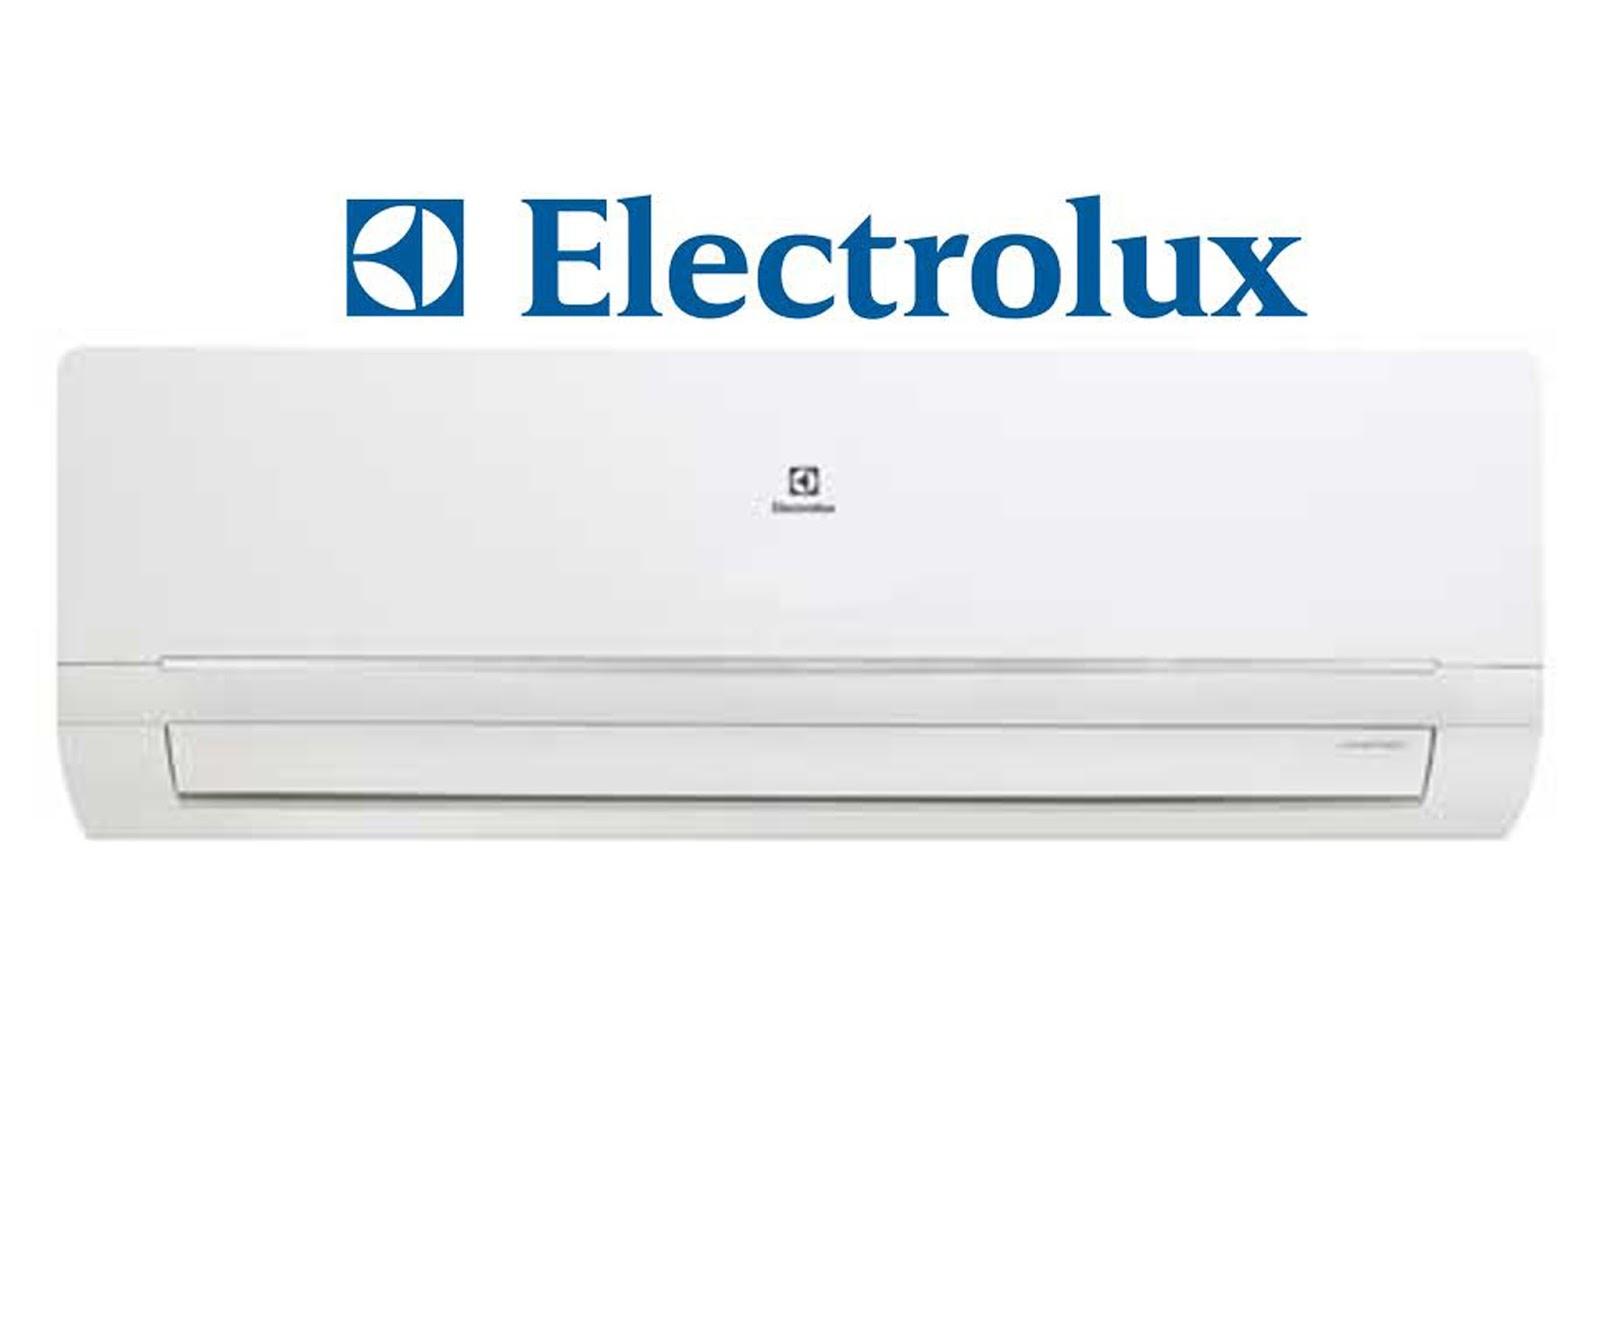 Những lưu ý khi sử dụng máy lạnh Electrolux cho trẻ sơ sinh